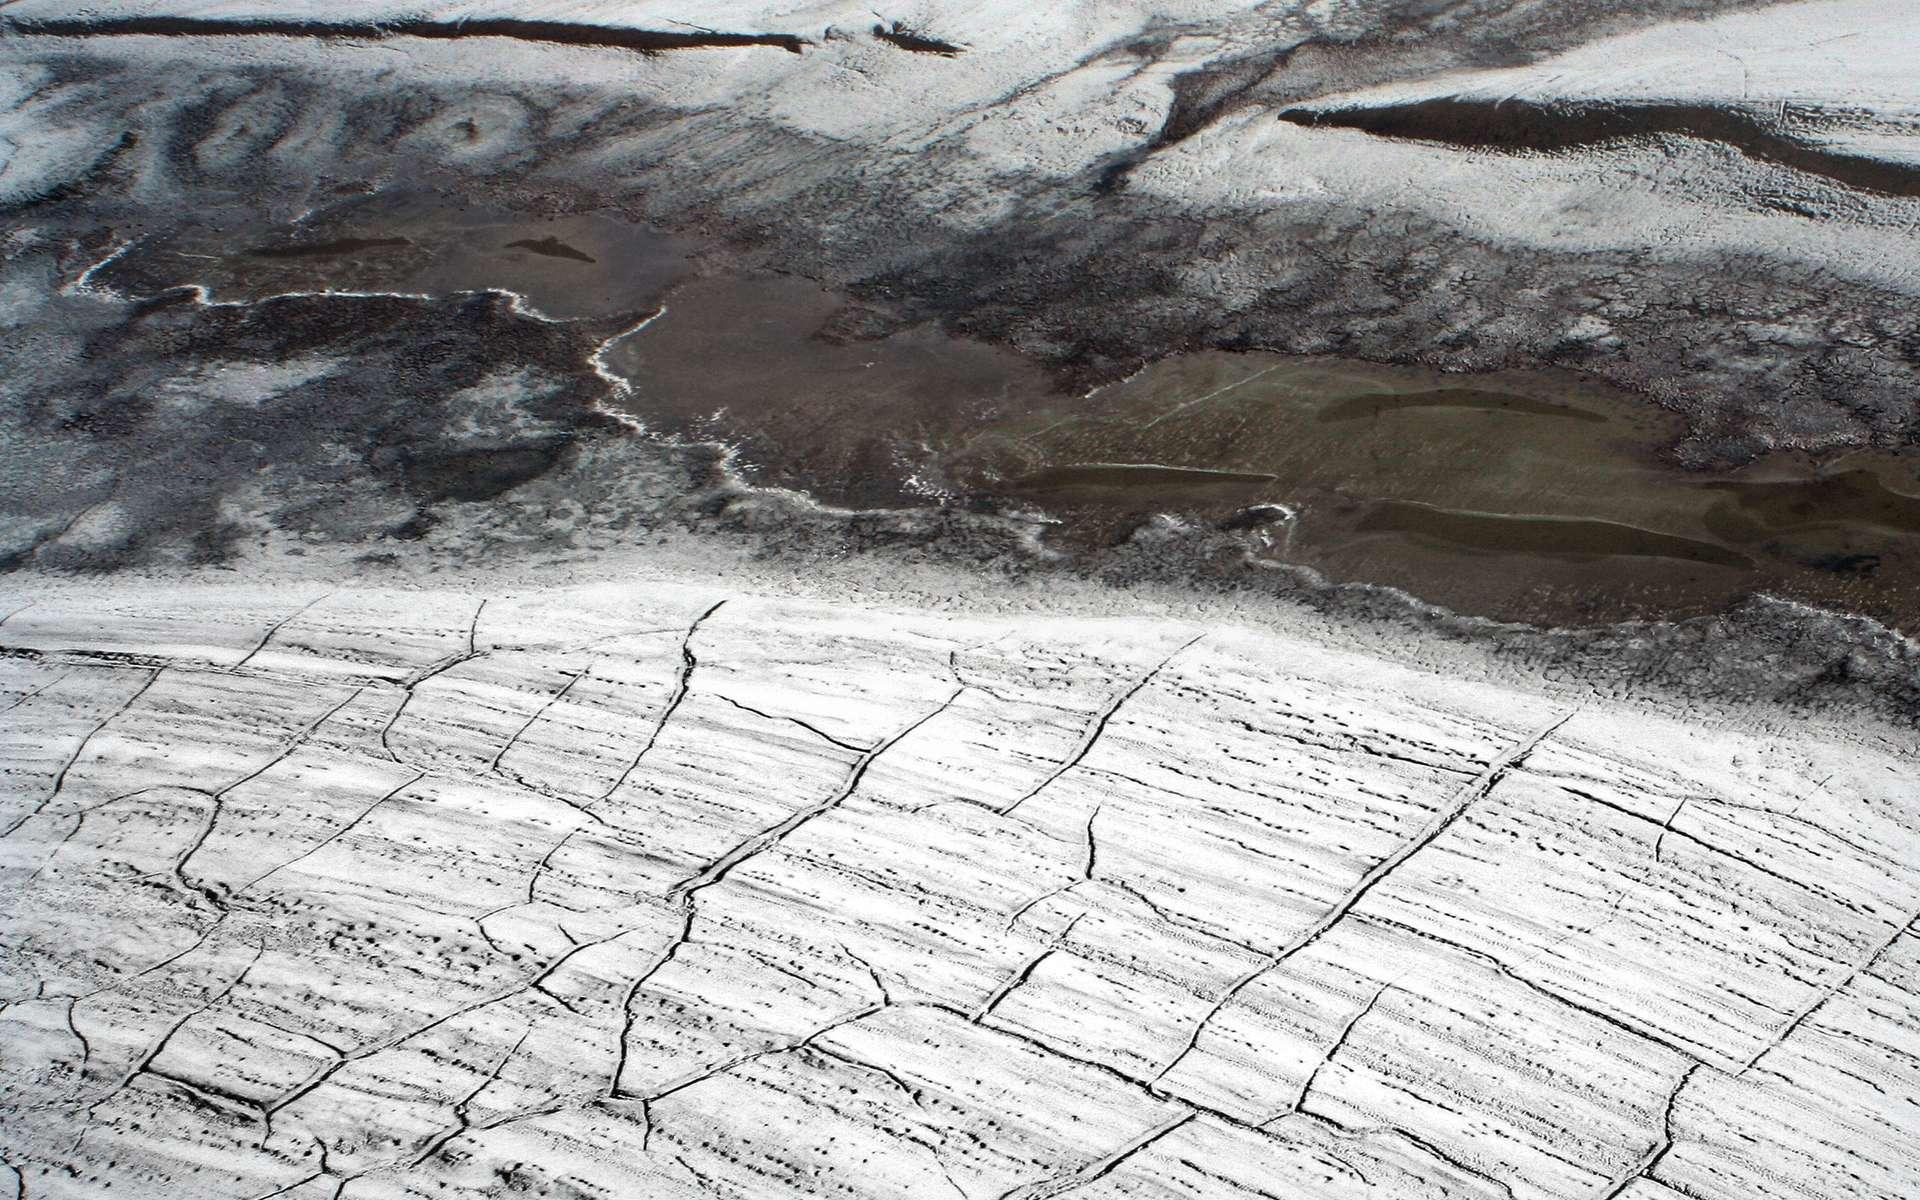 La fonte du pergélisol arctique pourrait émettre du protoxyde d'azote en grandes quantités, un gaz à effet de serre 300 fois plus puissant que le dioxyde de carbone et destructeur de la couche d'ozone. © Brocken Inaglory, Wikimedia Commons